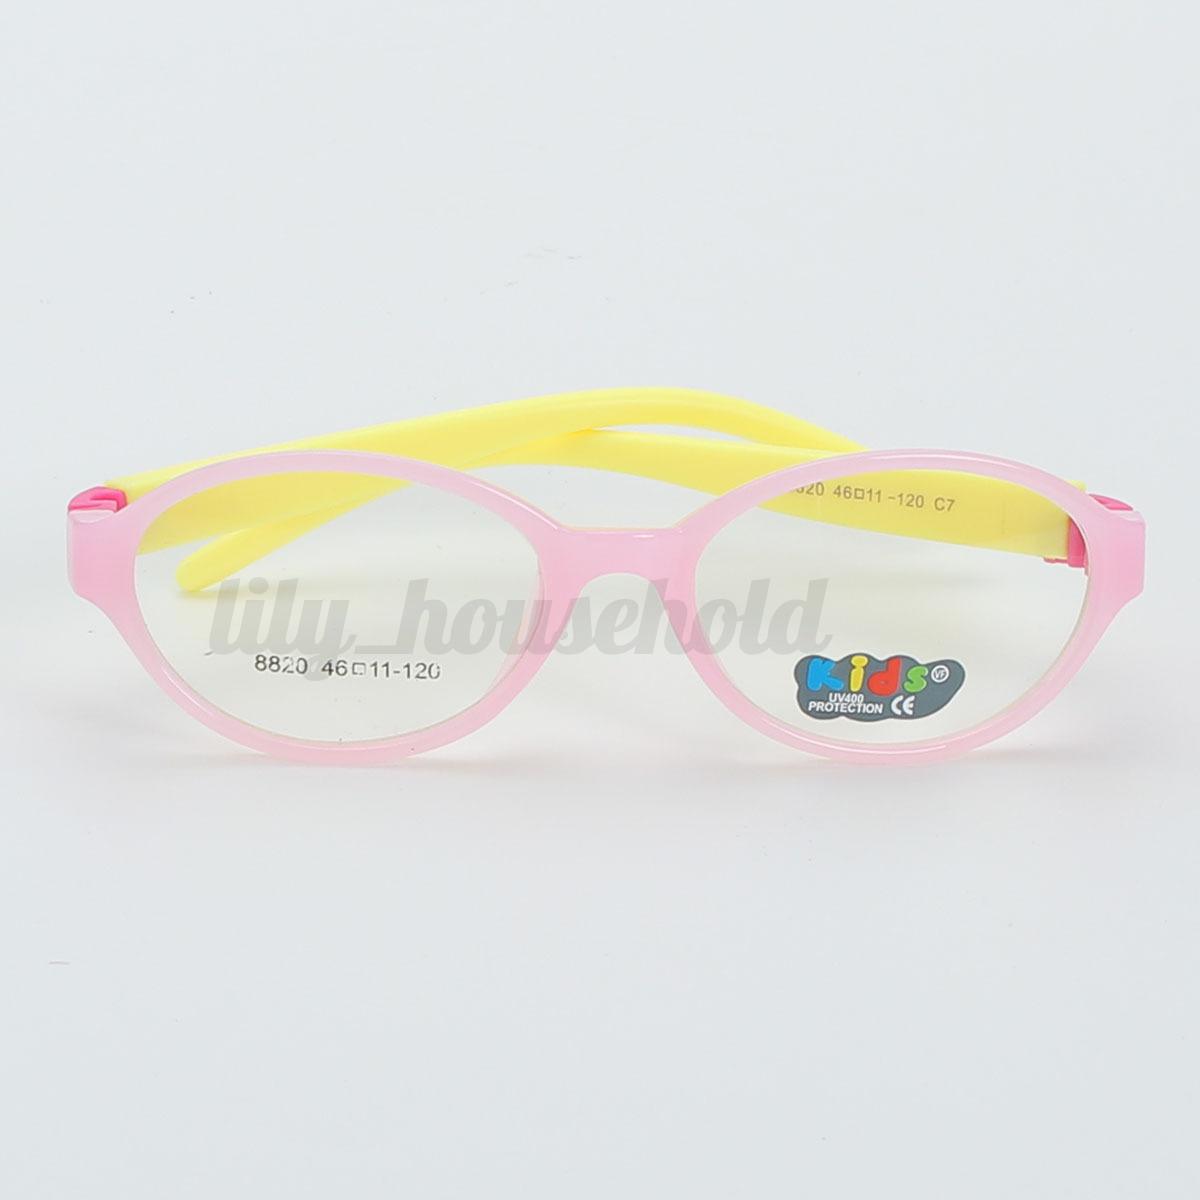 Kinder Jungen Mädchen Brille Brillen Brillengestell Brillenfassung ...